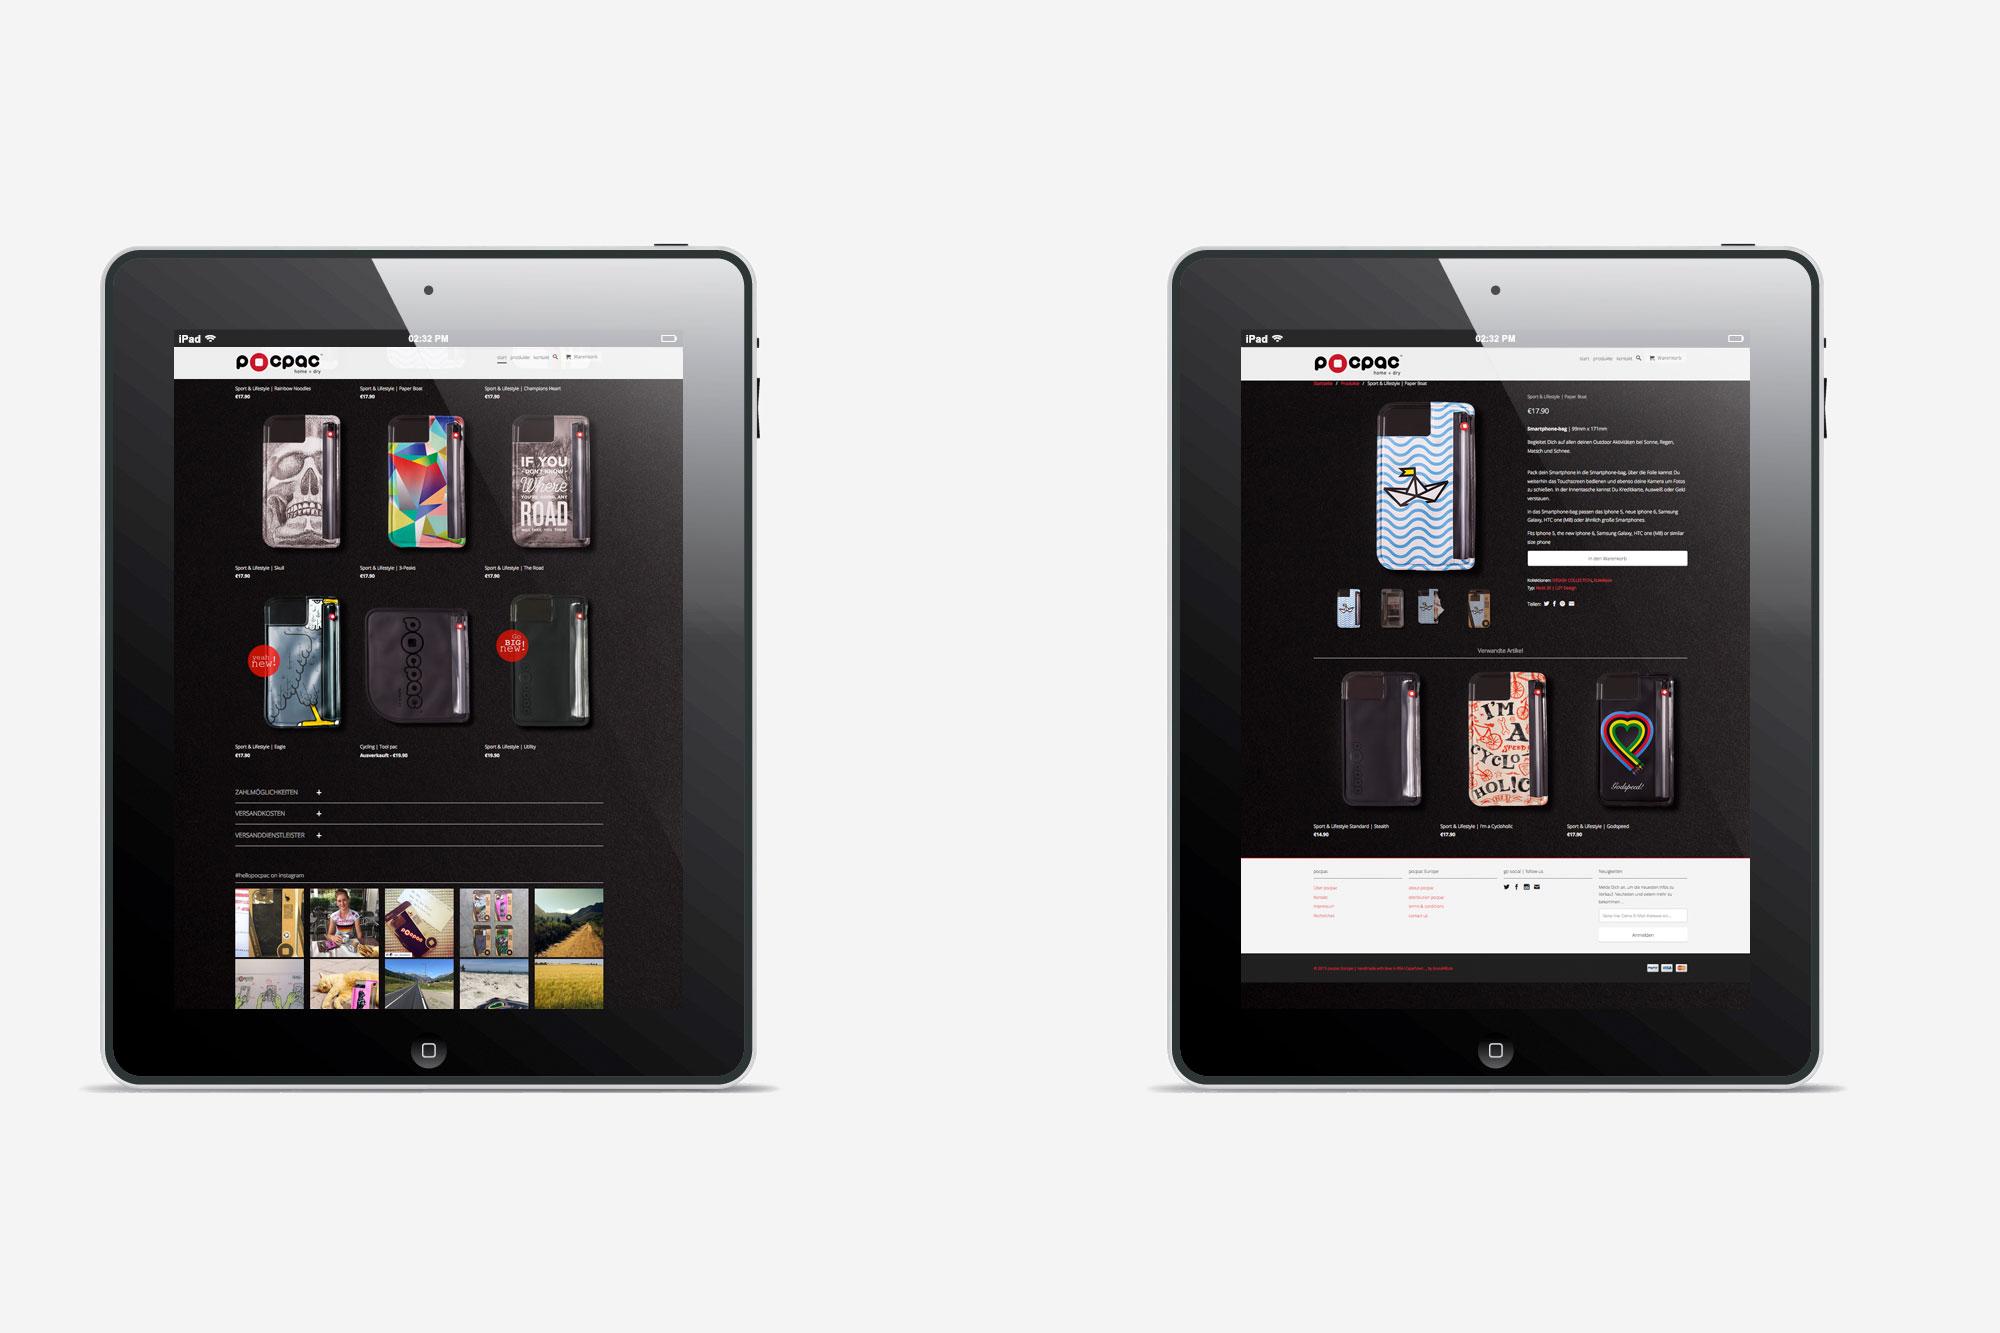 75a aus Stuttgart gestaltet die Website von Pocpac